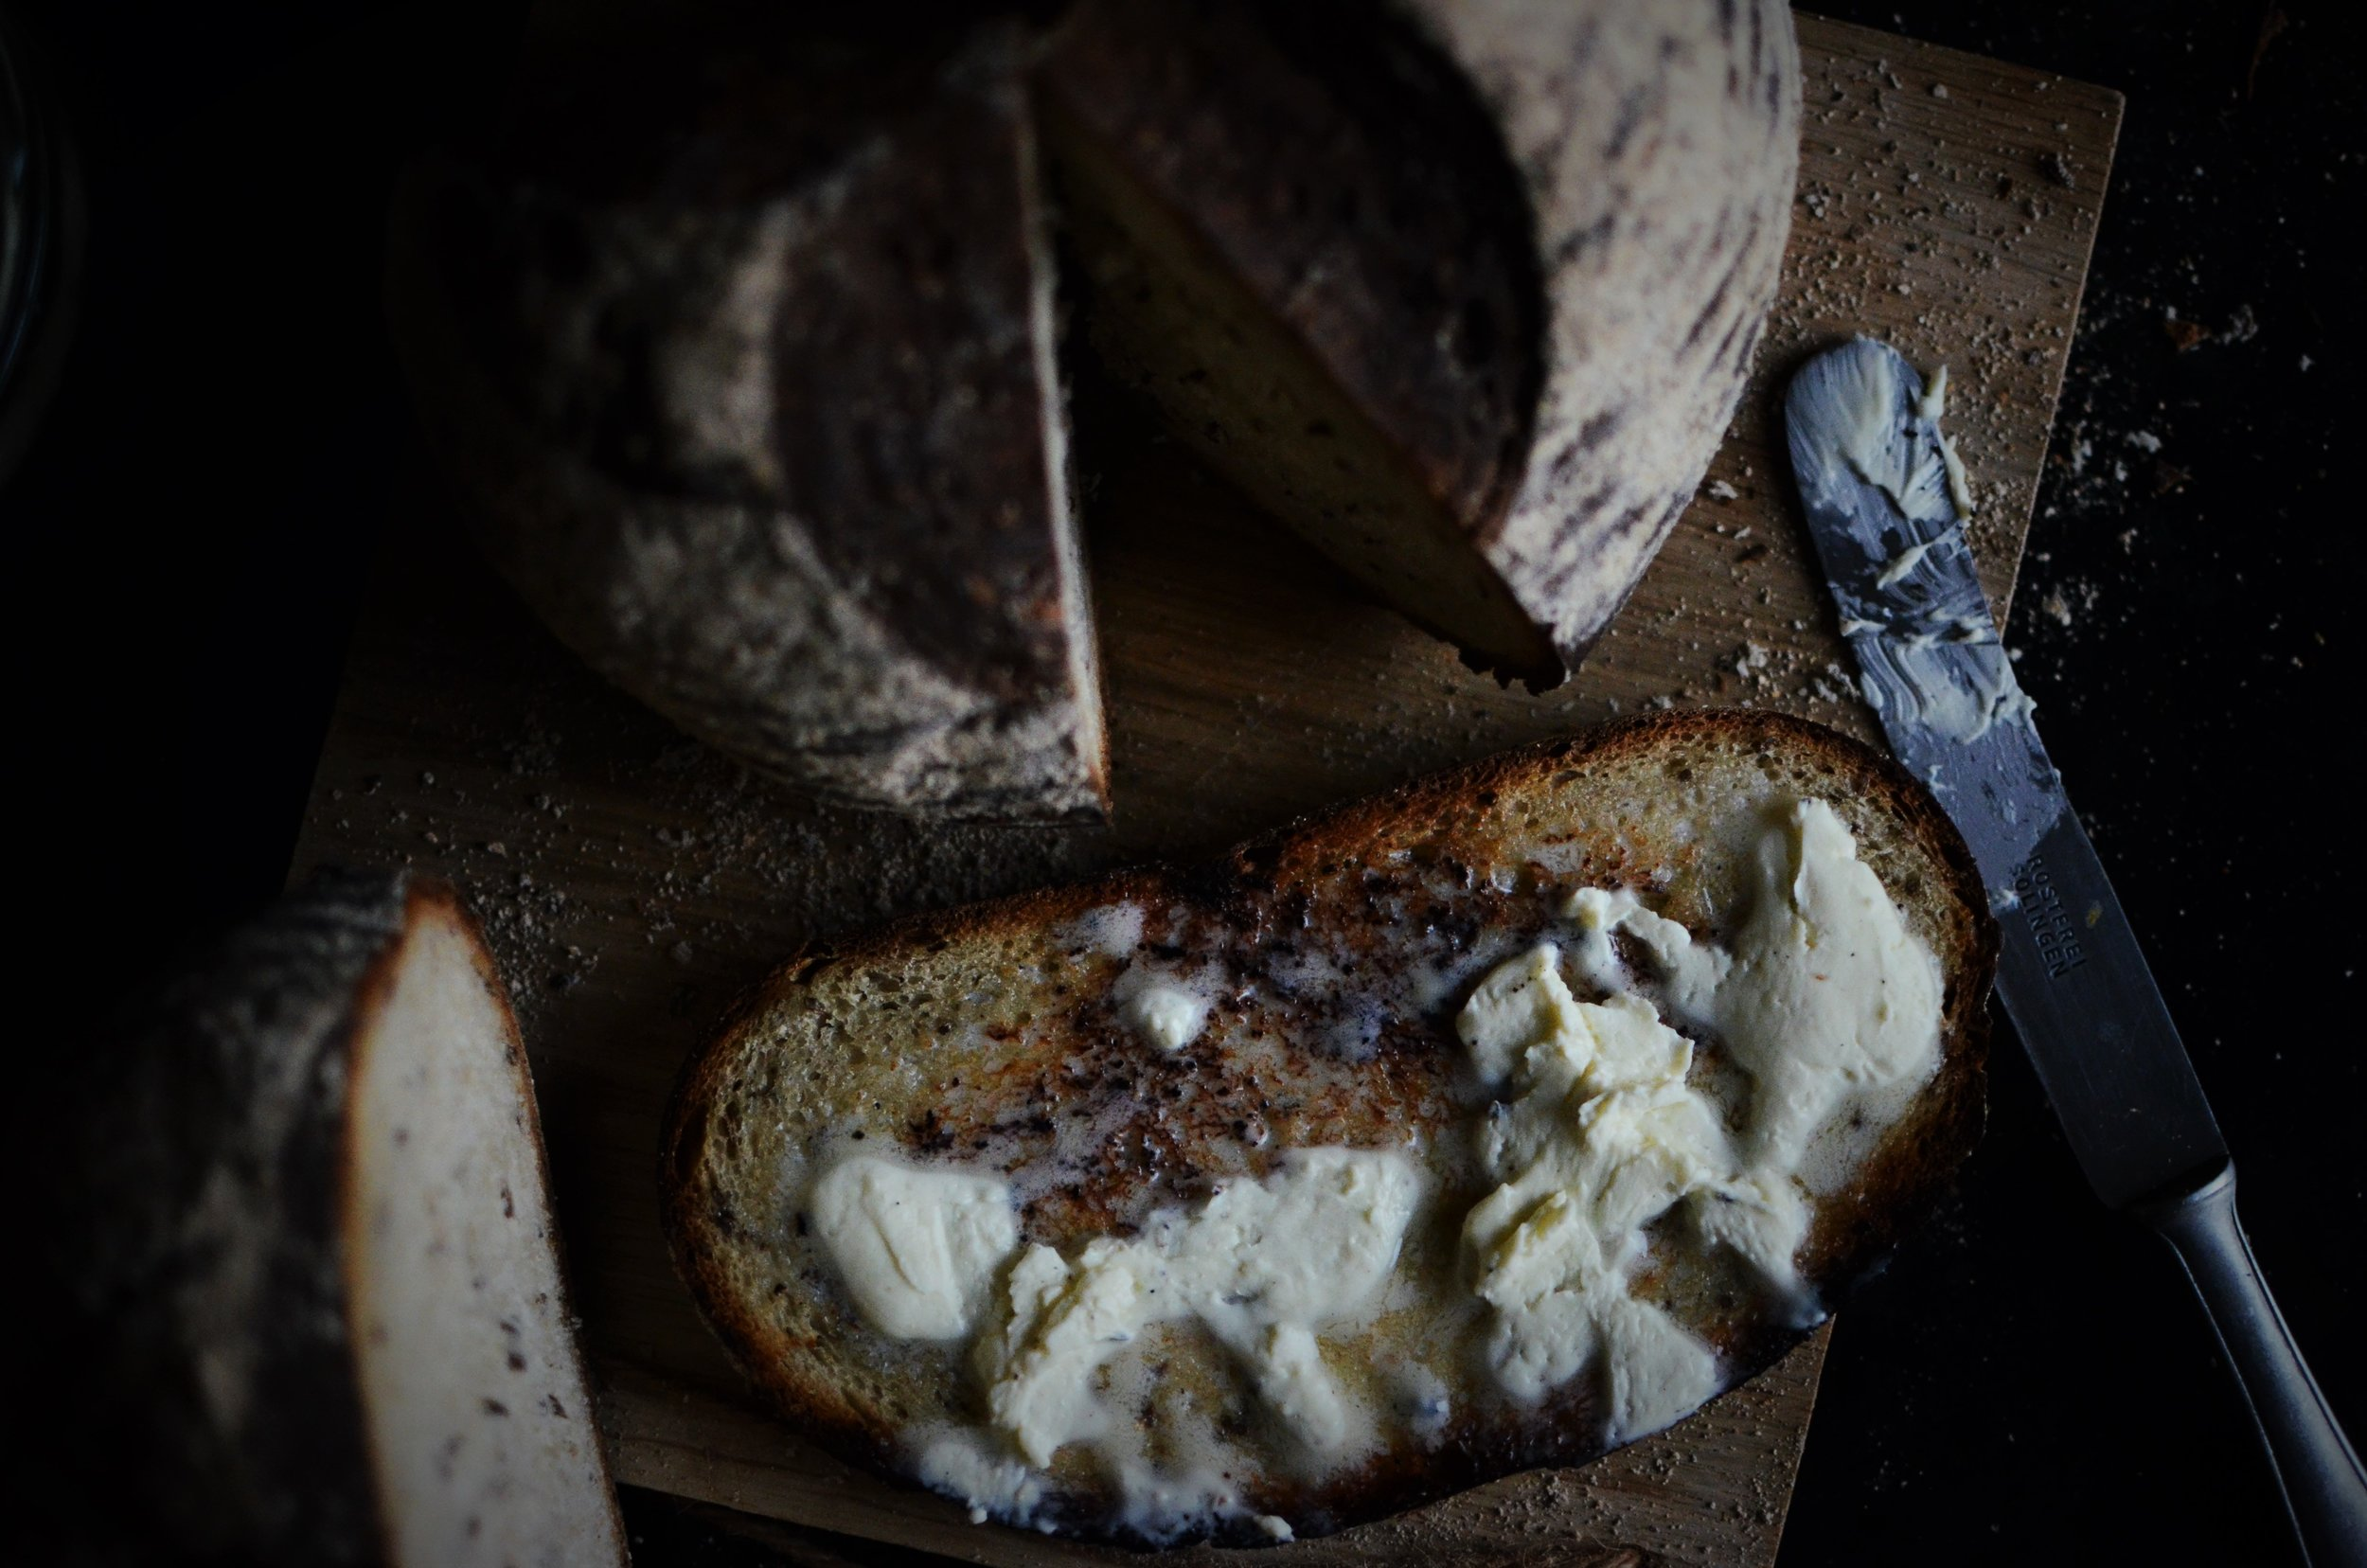 Grauzdētas skābmaizes šķēle, uz kuras biezā kārtā uzziests tikko kults, fermentēts skābā krējuma sviests.